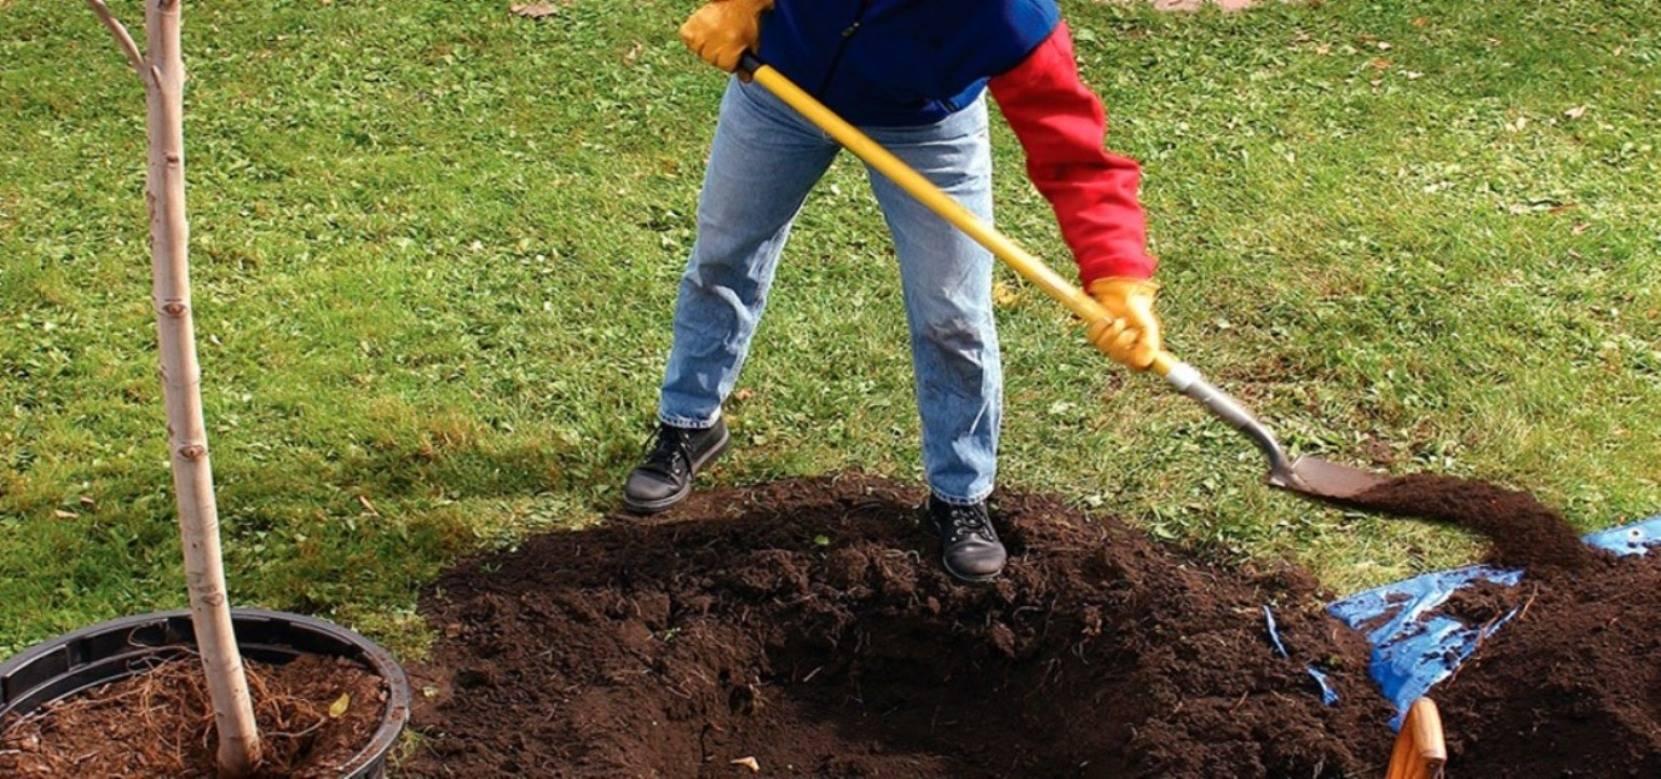 Как ухаживать за черешней весной на даче после зимы, чтобы был хороший урожай: советы и правила по уходу